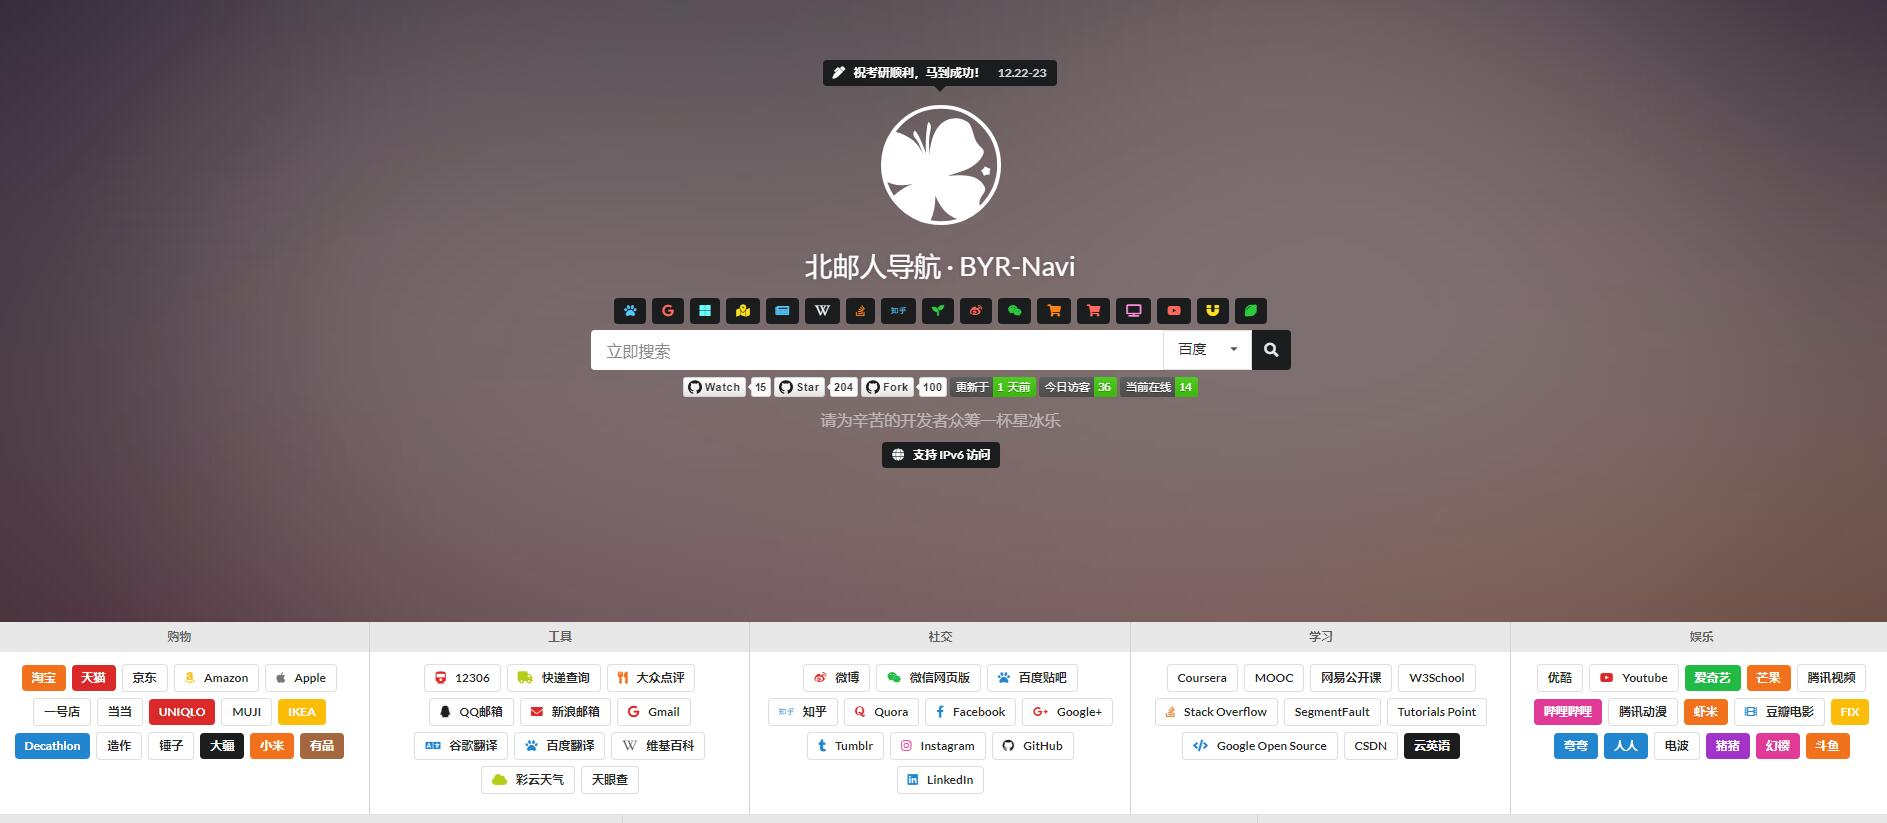 一个开源、美观的网站导航 BYR-Navi北邮人导航